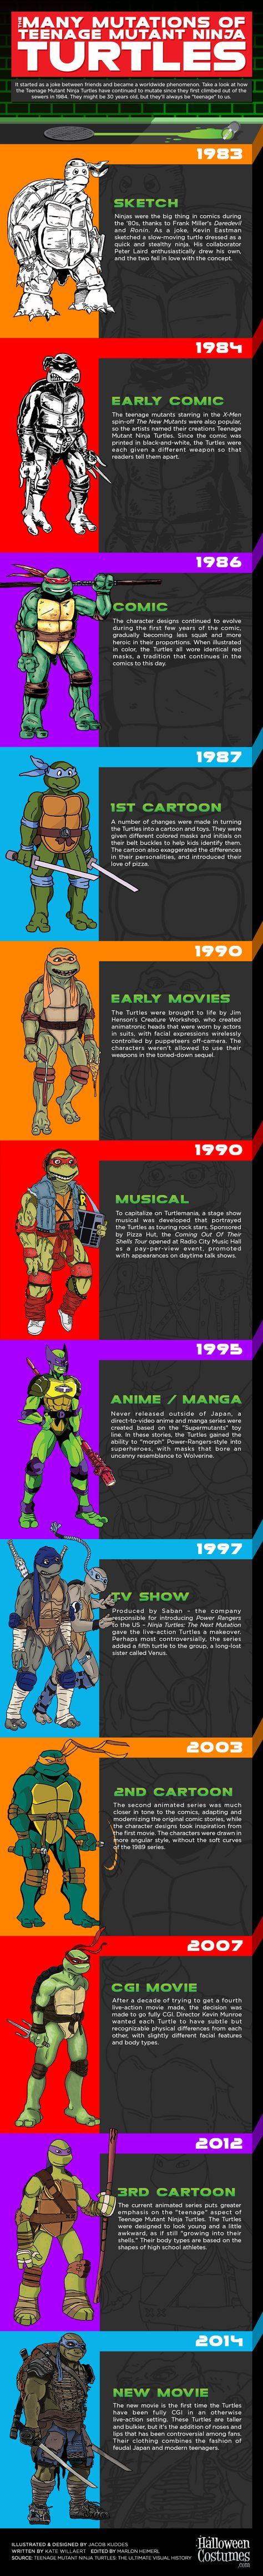 Infographie : Les Tortues Ninja à travers les âges